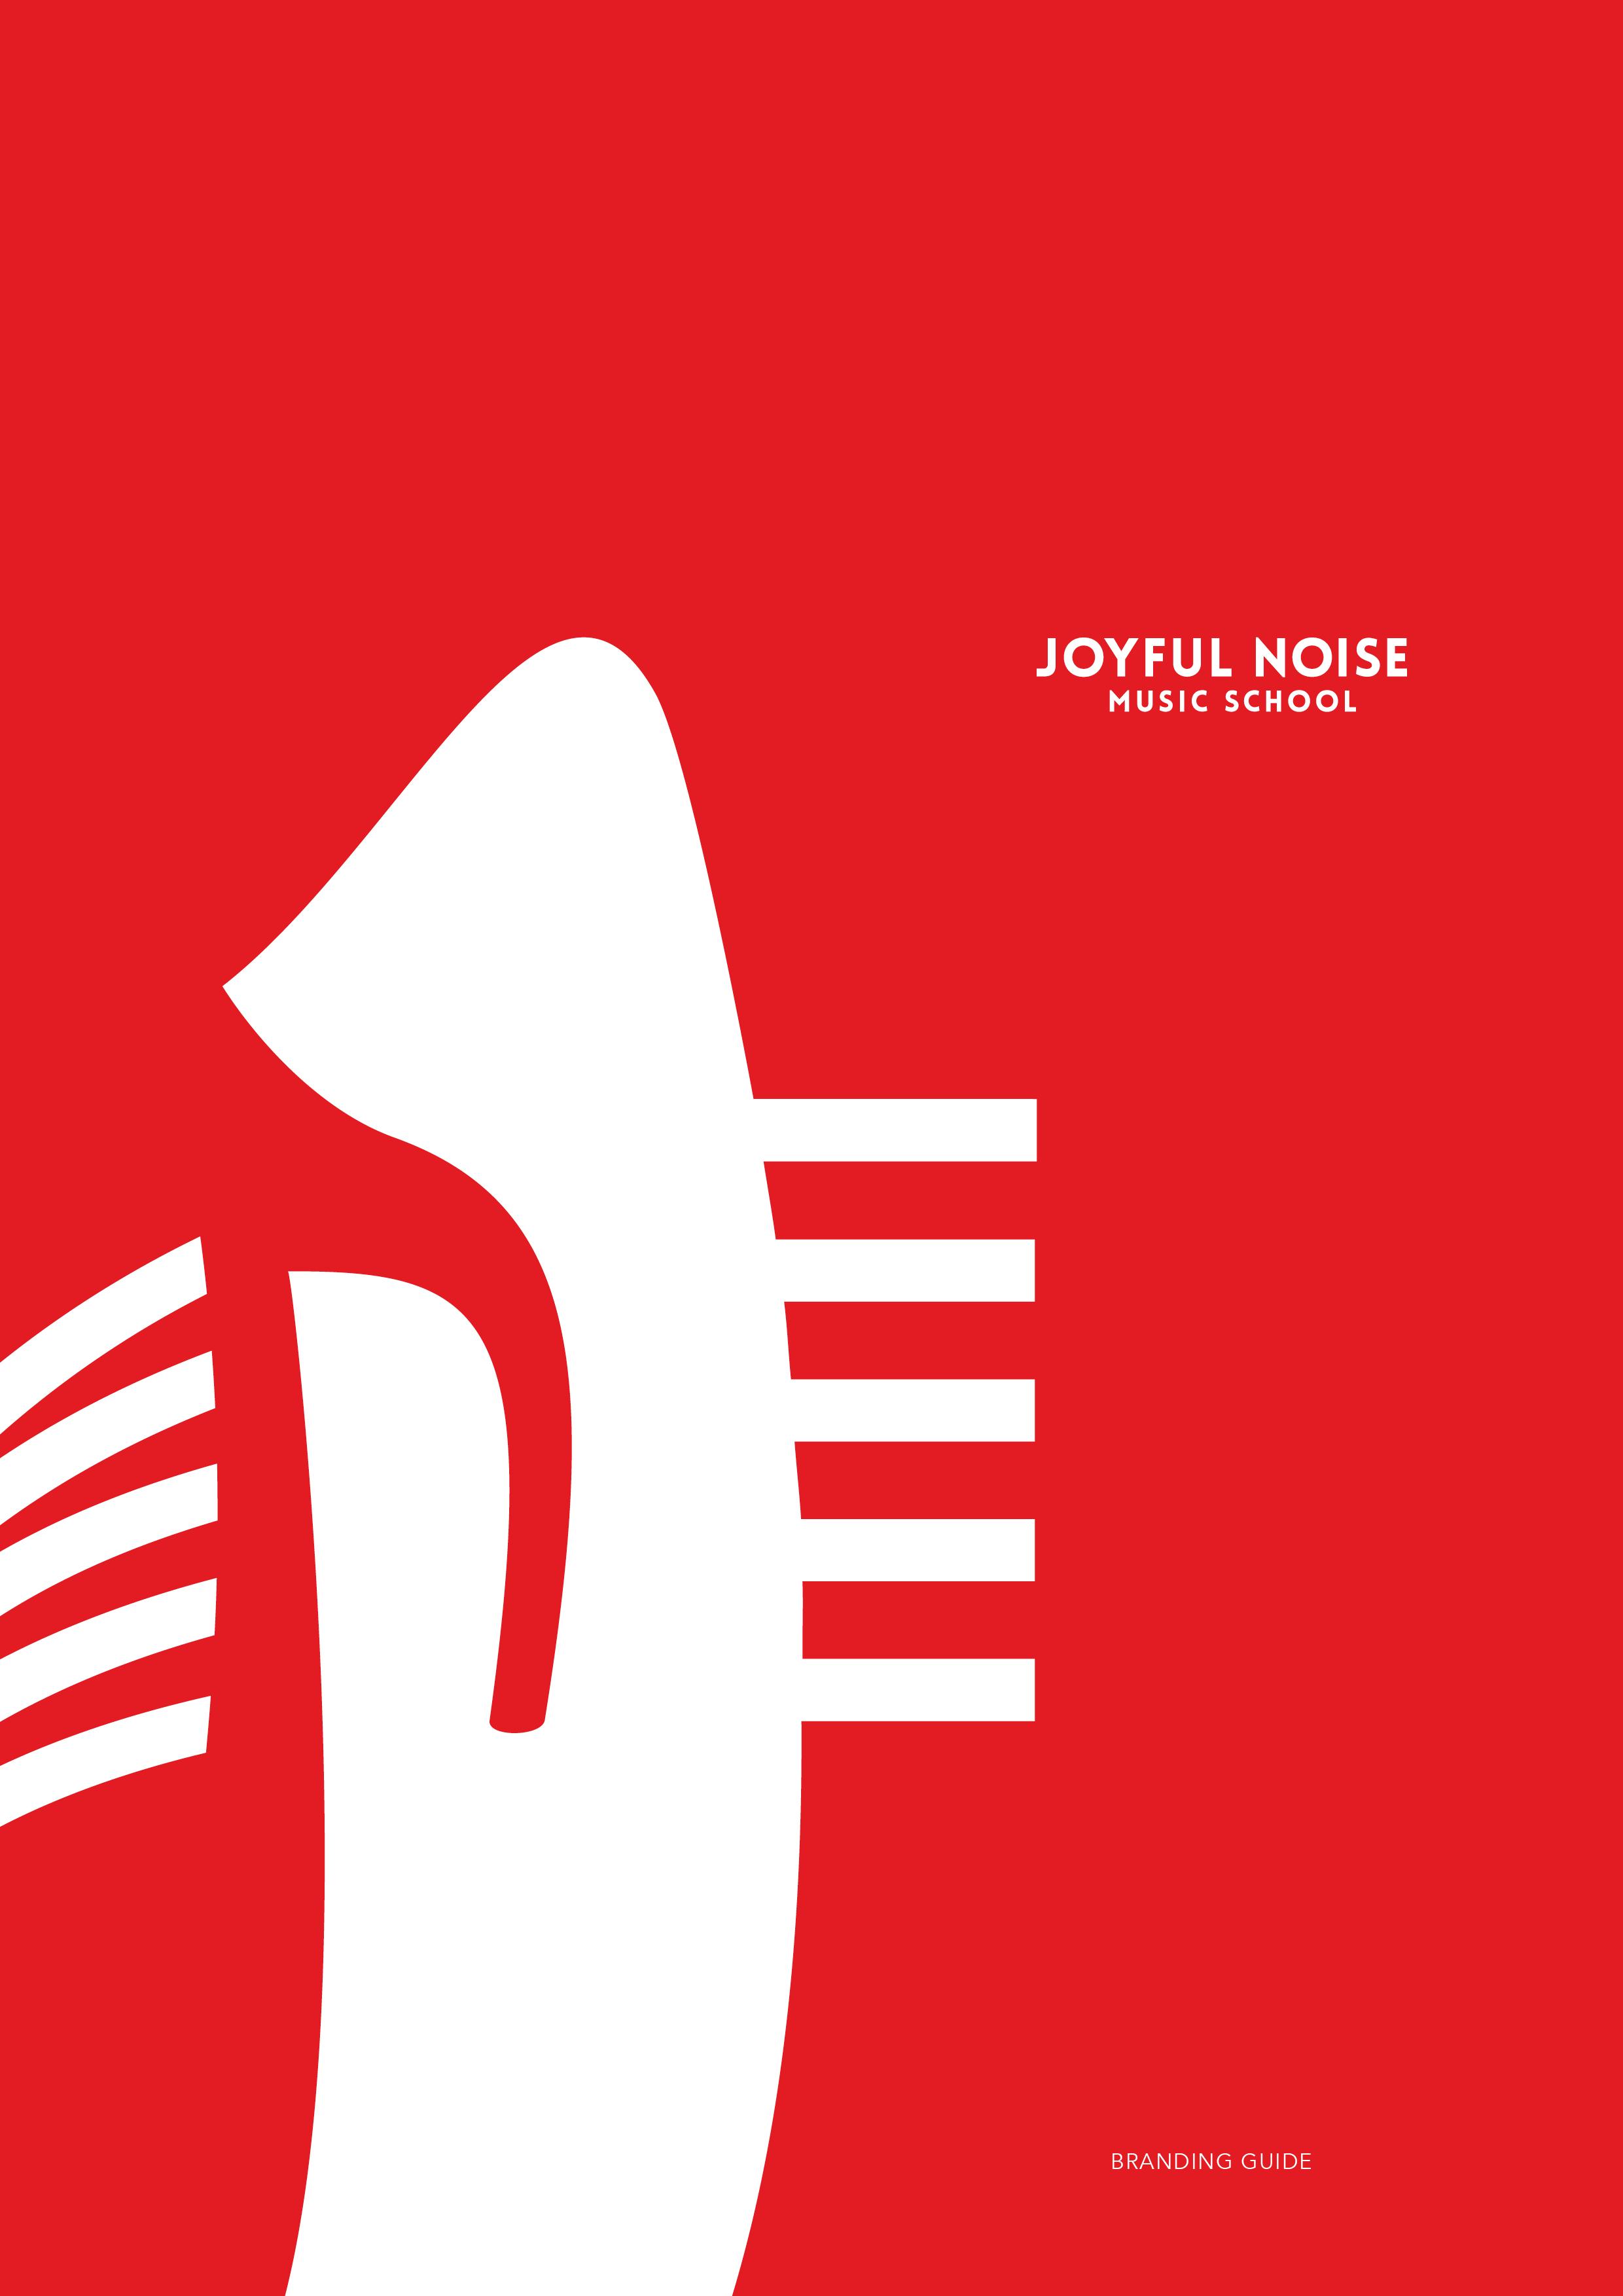 Joyful Noise Brand Book.jpg